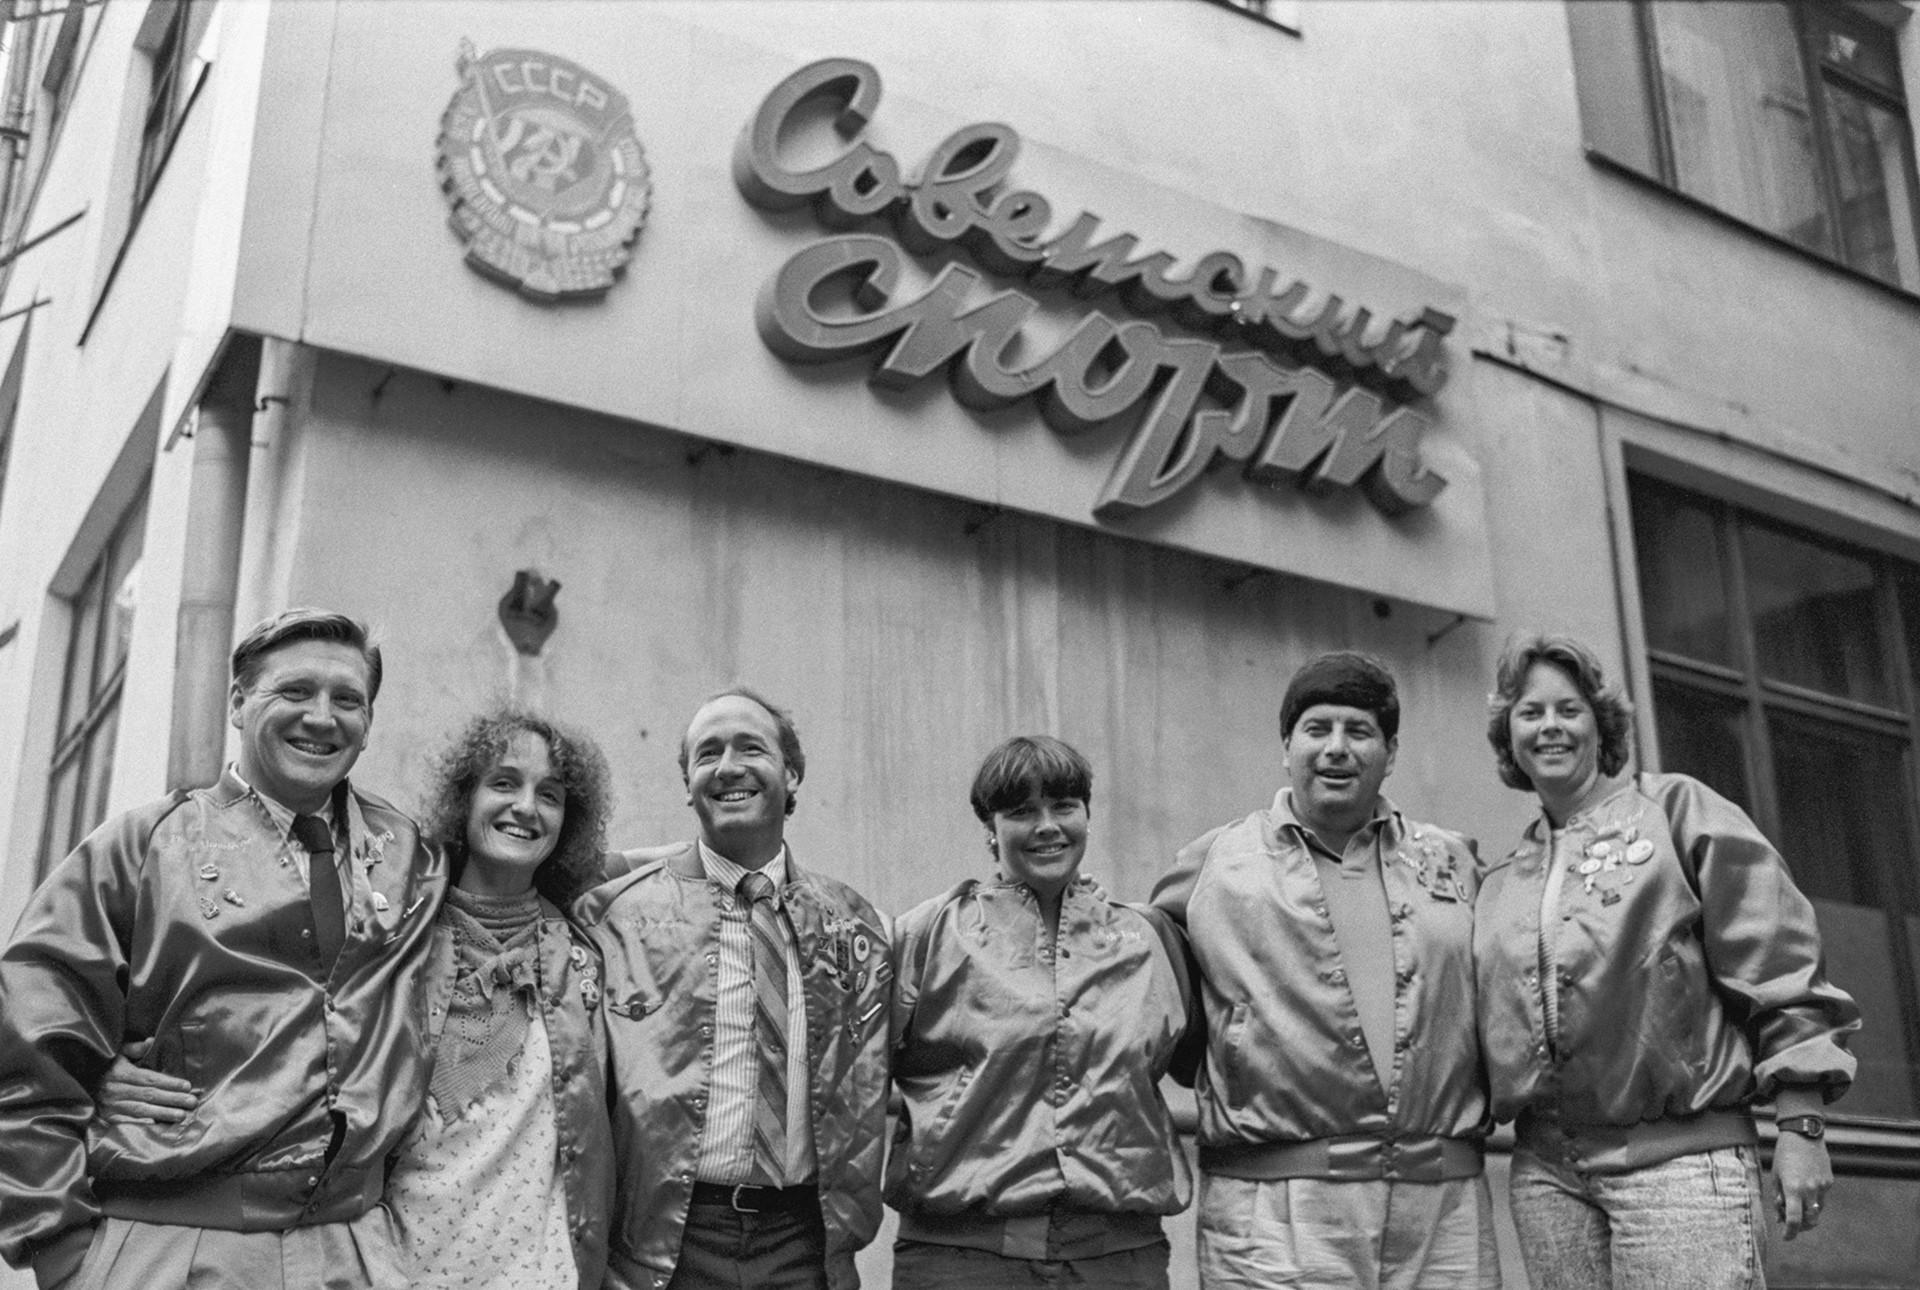 Лин Кокс (третата отдясно) и нейният екип пред сградата на редакцията на вестник